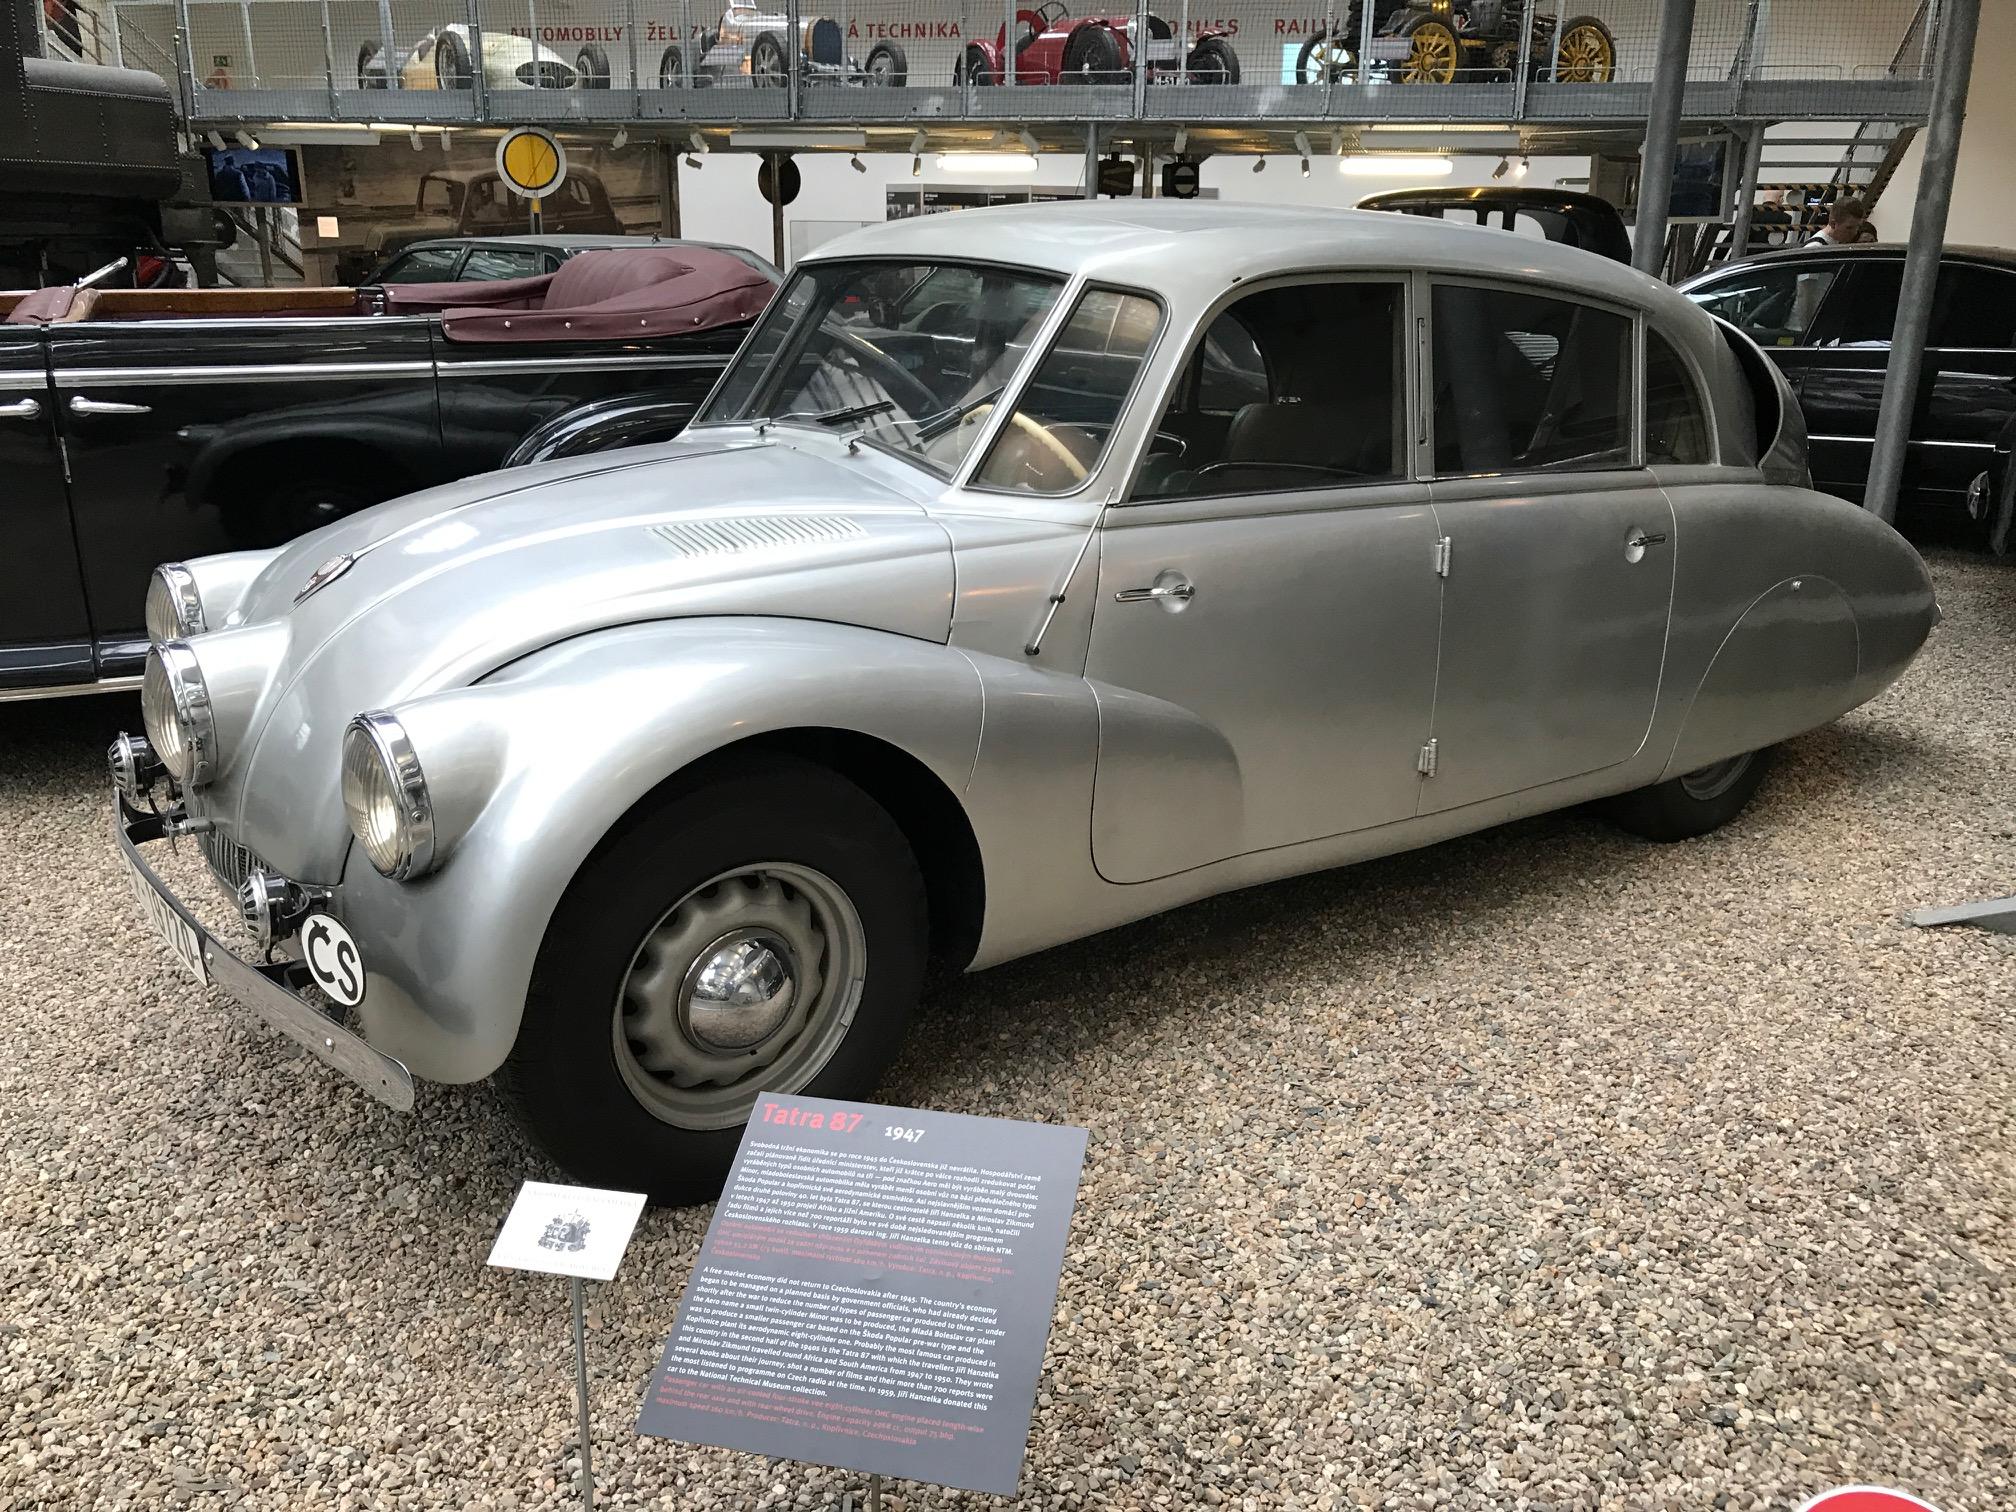 Víc než dopravní prostředek se osobitý tvar tohoto auta stal symbolem cesty k bláznivým plánům.